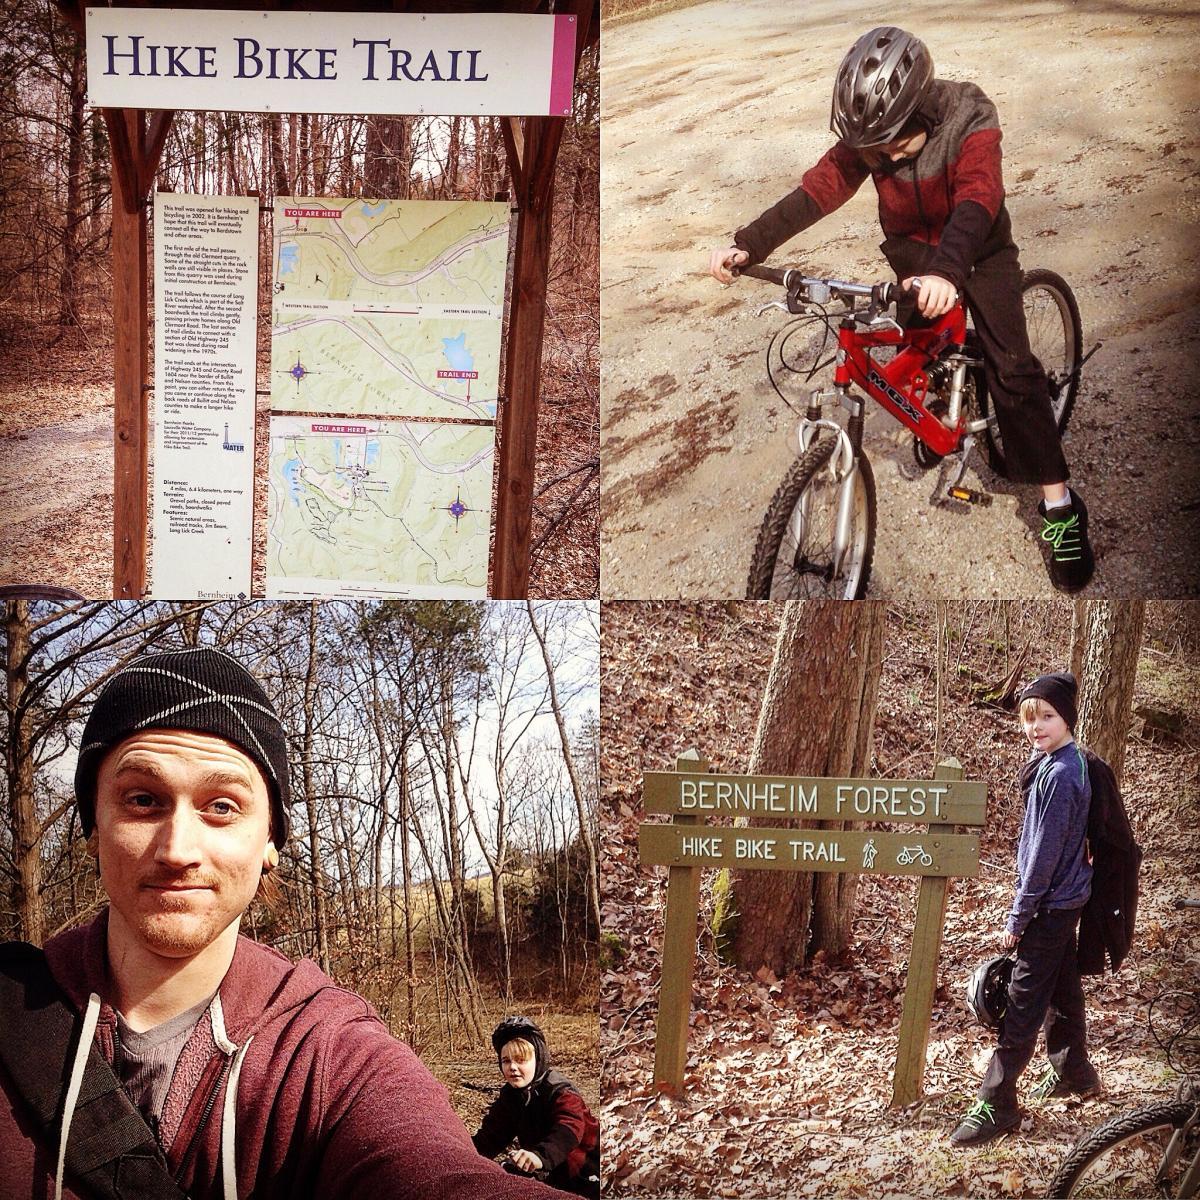 Hike Bike Trail